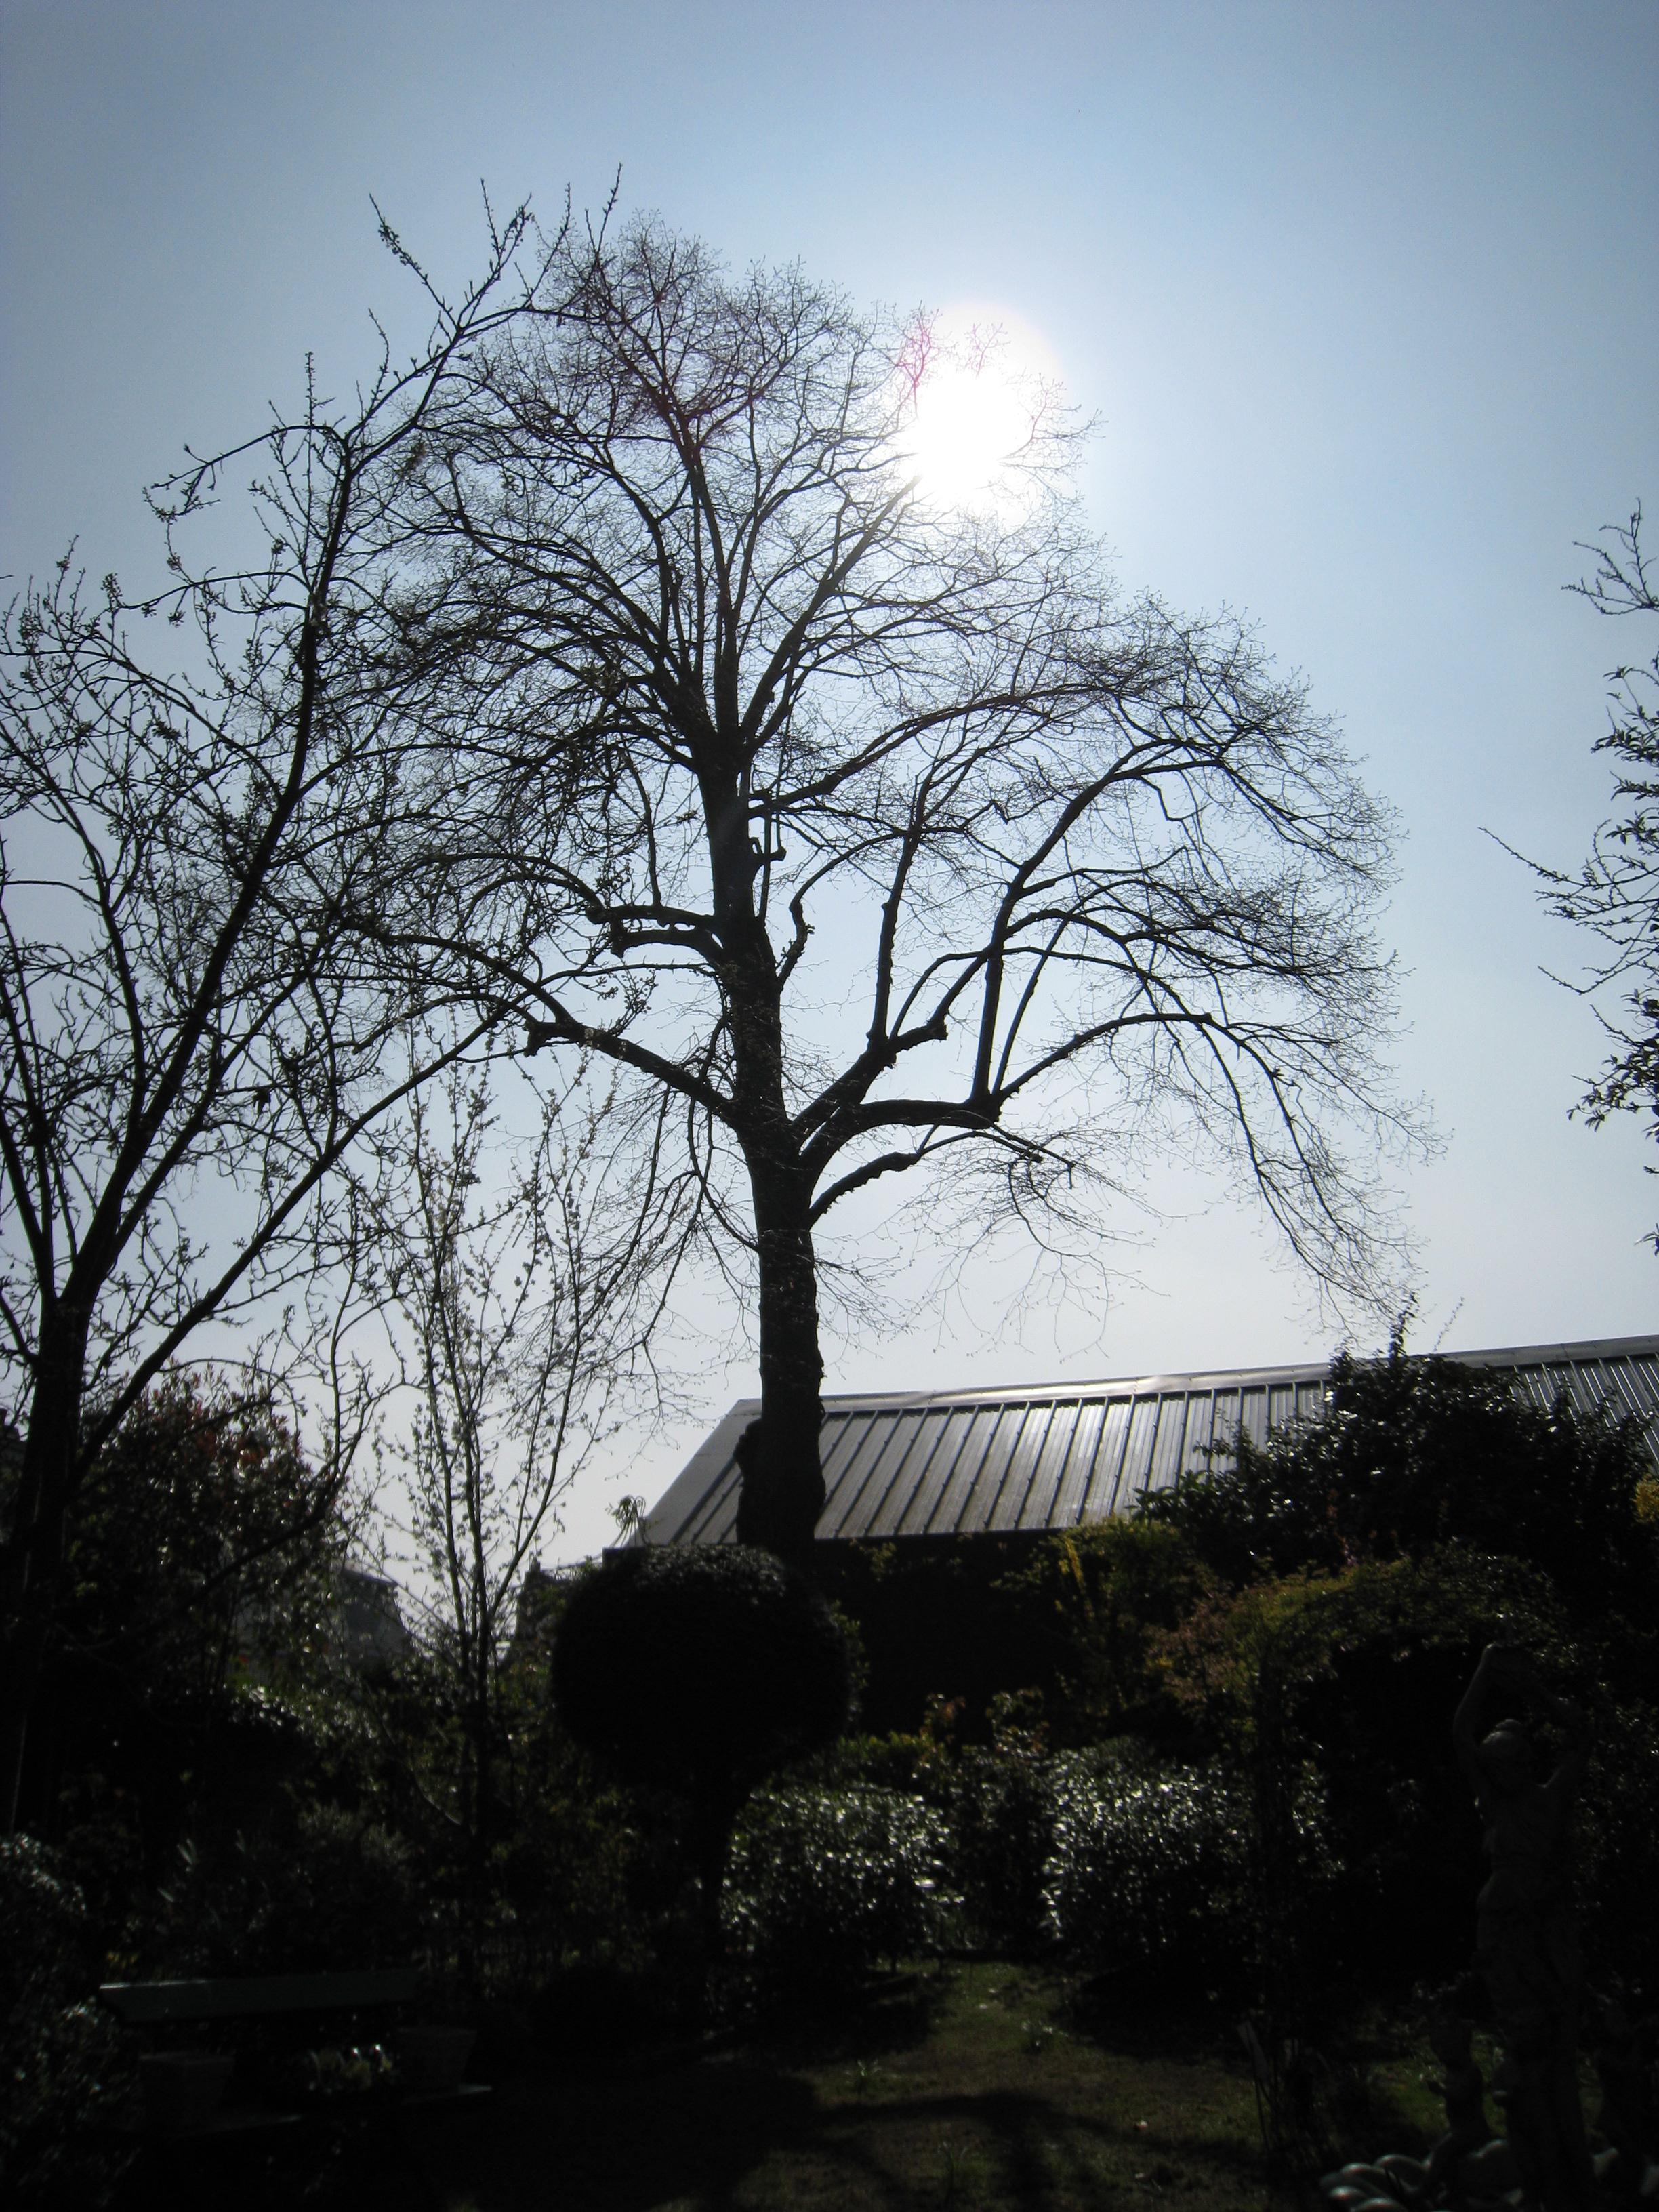 Tilleul à larges feuilles – Woluwé-Saint-Pierre, Rue du Collège Saint-Michel, 12 –  29 Mars 2011